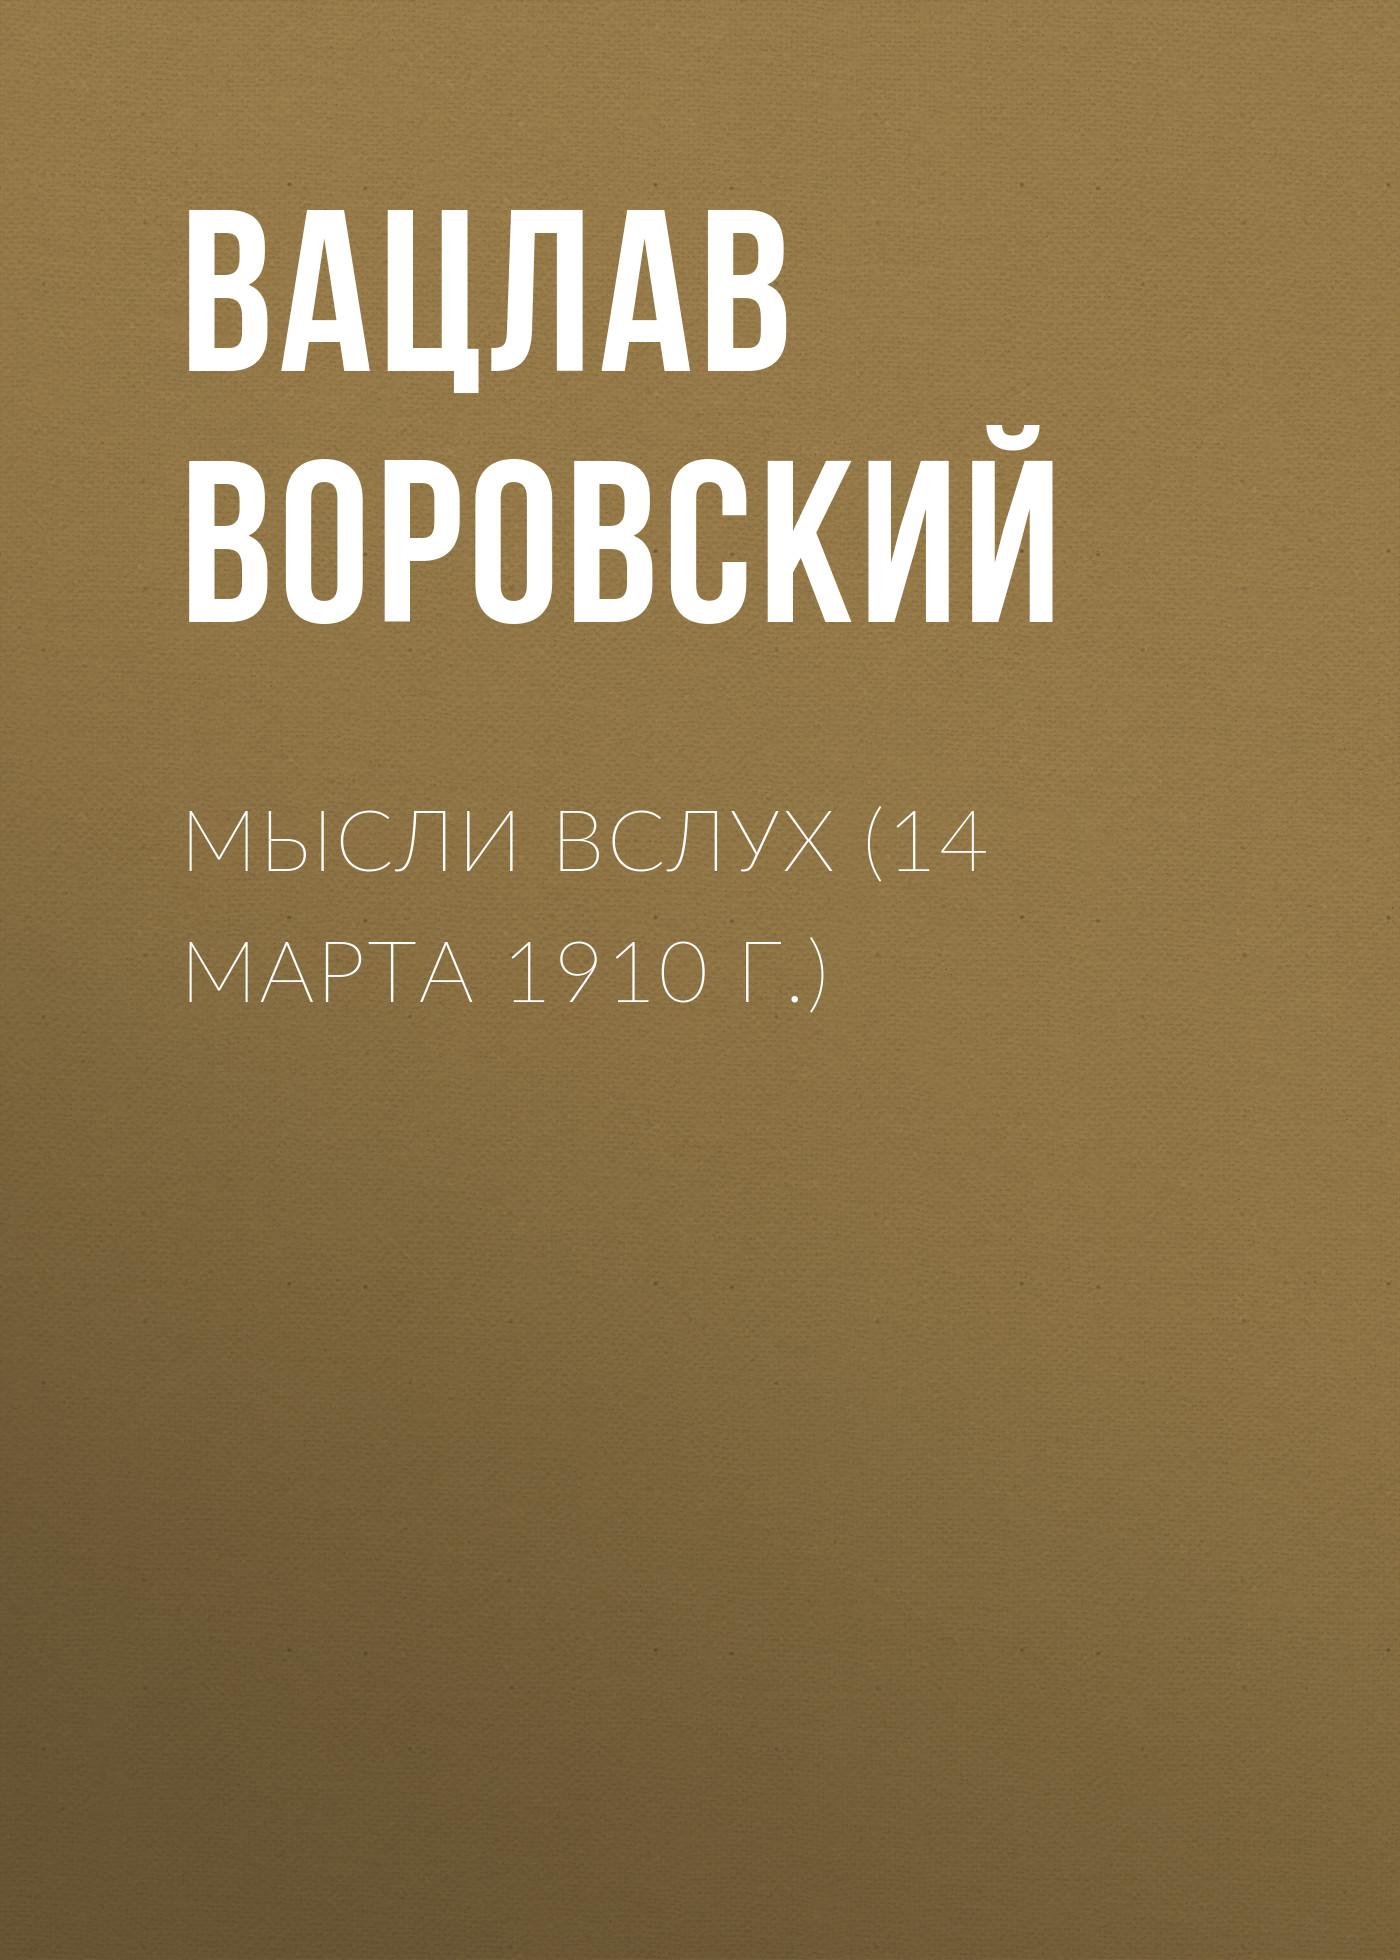 Вацлав Воровский Мысли вслух (14 марта 1910 г.) вацлав воровский мысли вслух 15 января 1910 г